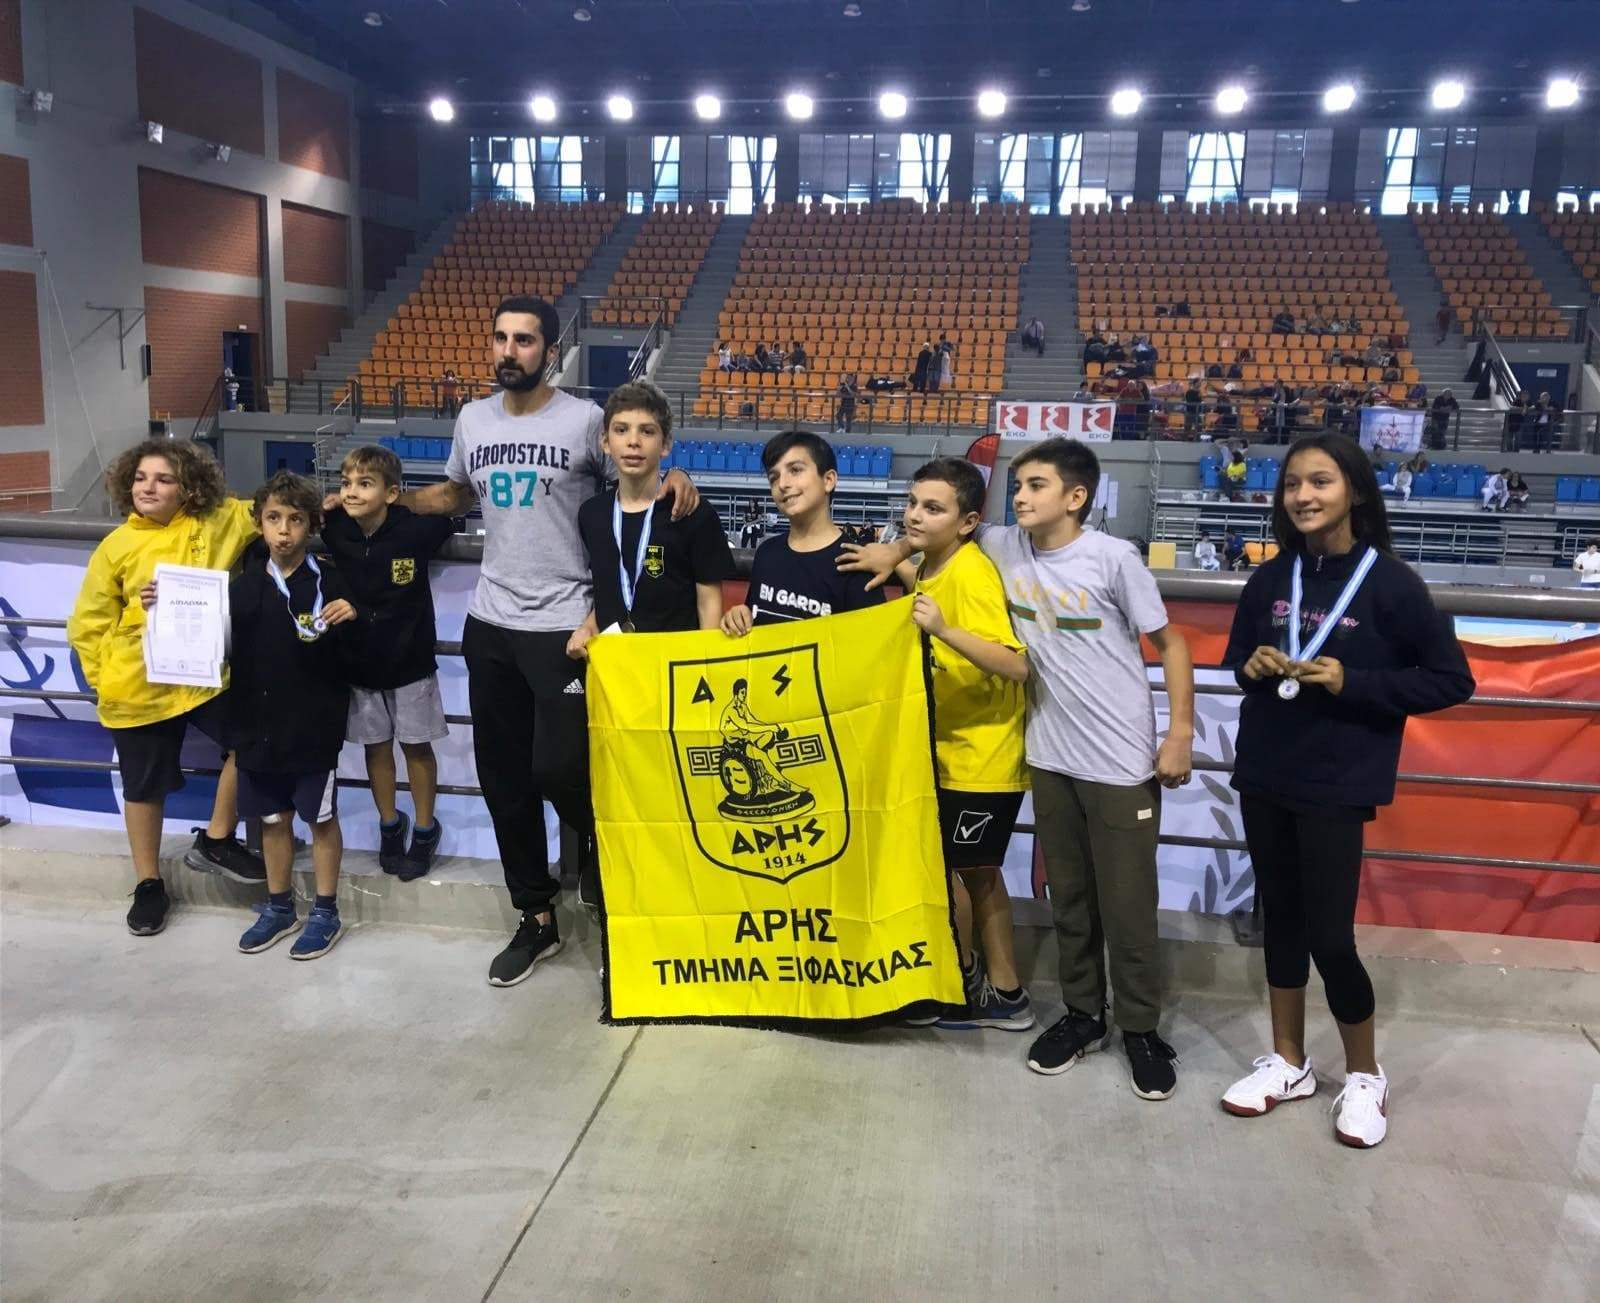 Ξιφασκία: Τρία μετάλλια για τον ΑΡΗ στο Πανελλήνιο Κύπελλο (photos)